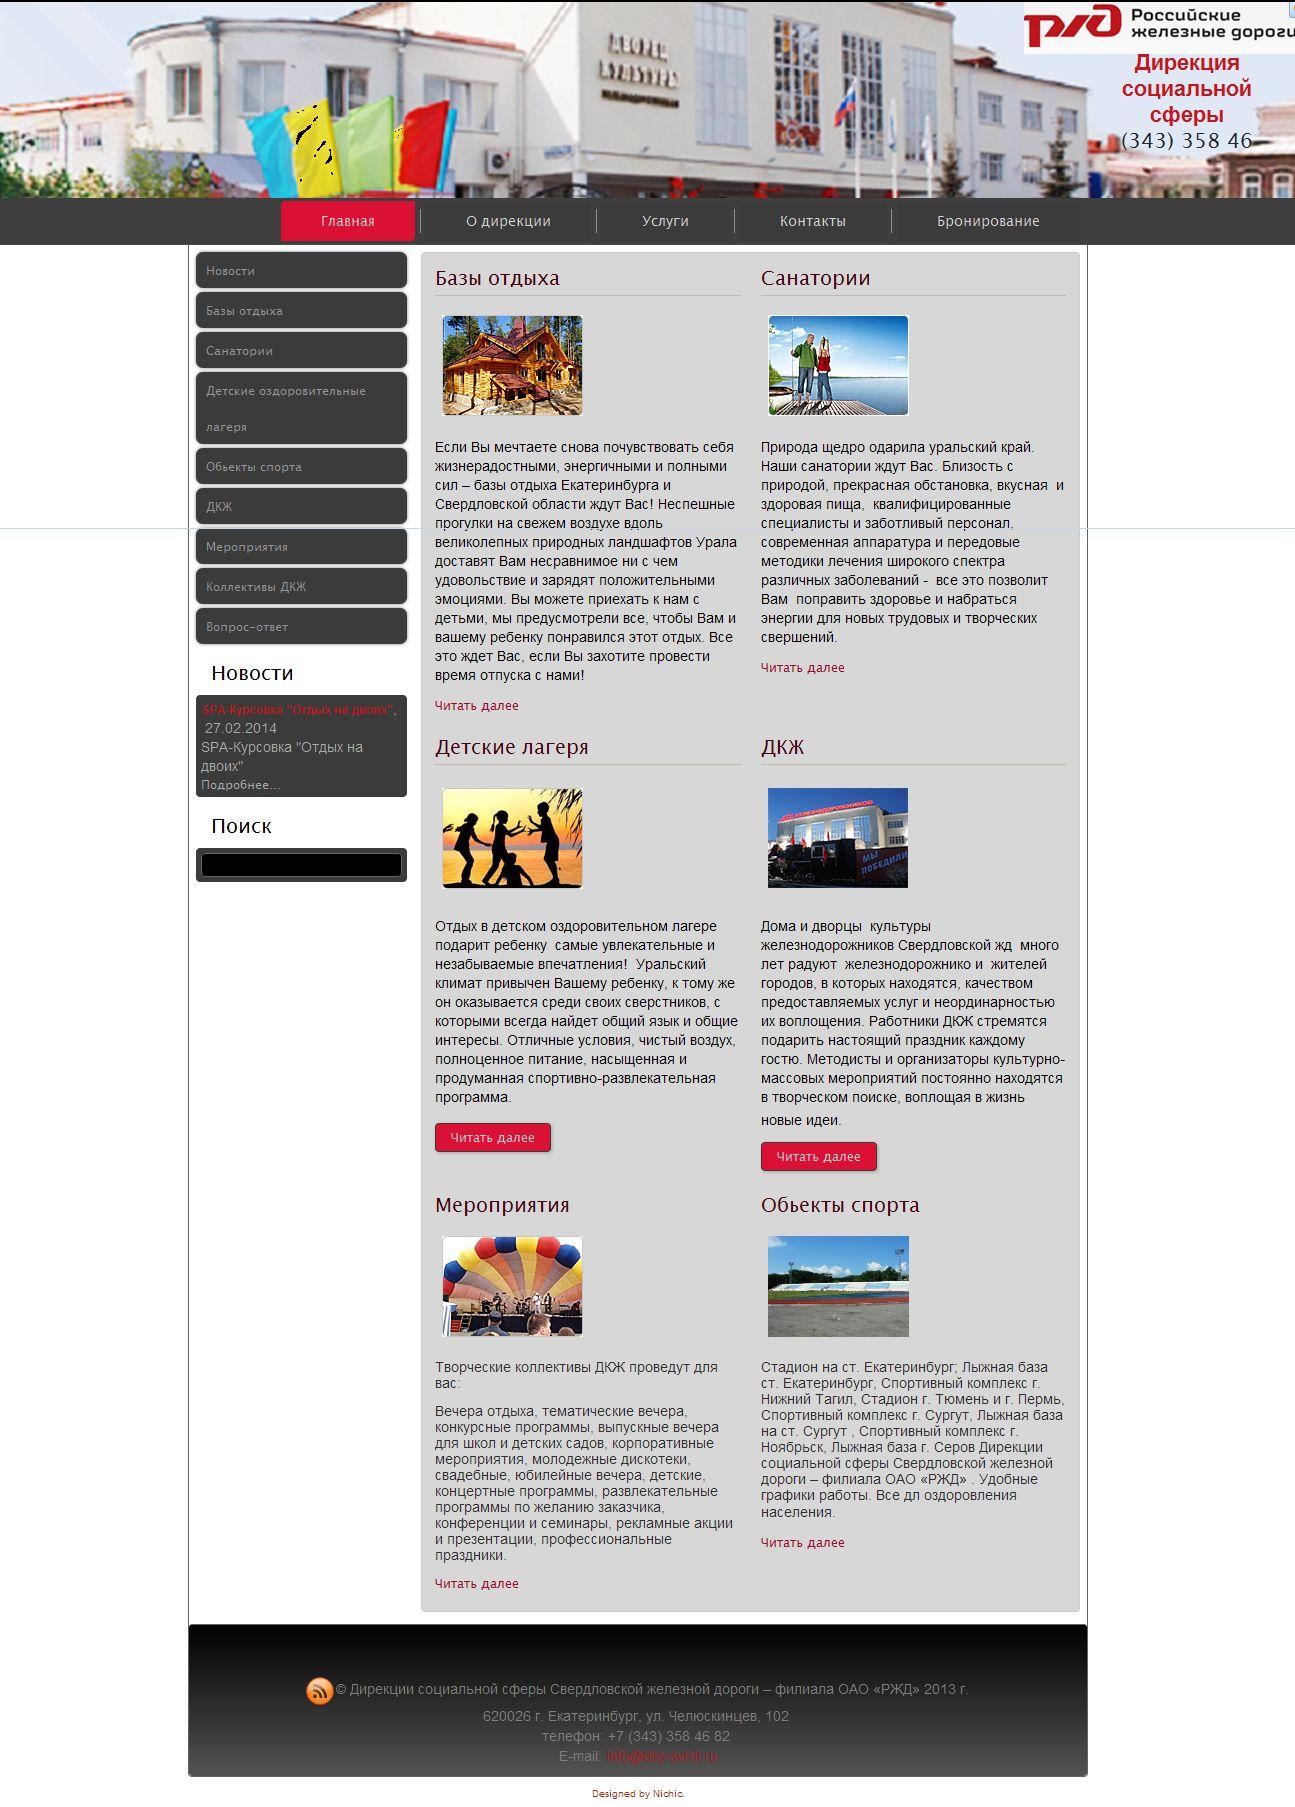 Дизайн сайта социальной сферы РЖД - дизайнер olga_r_b